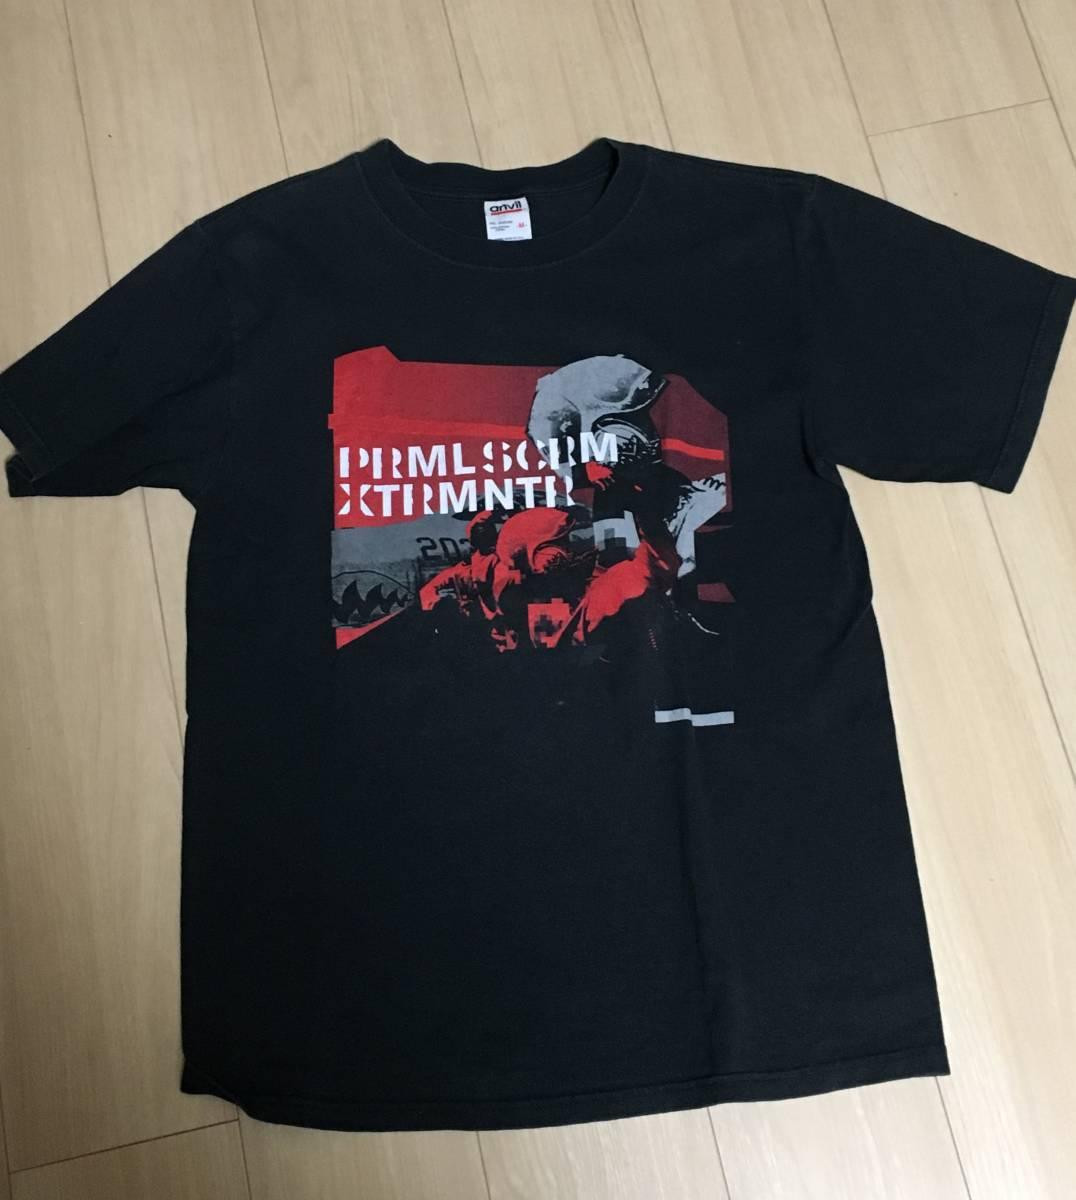 当時物 プライマルスクリーム PRPRIMAL SCREAM  ビンテージ バンドTシャツ